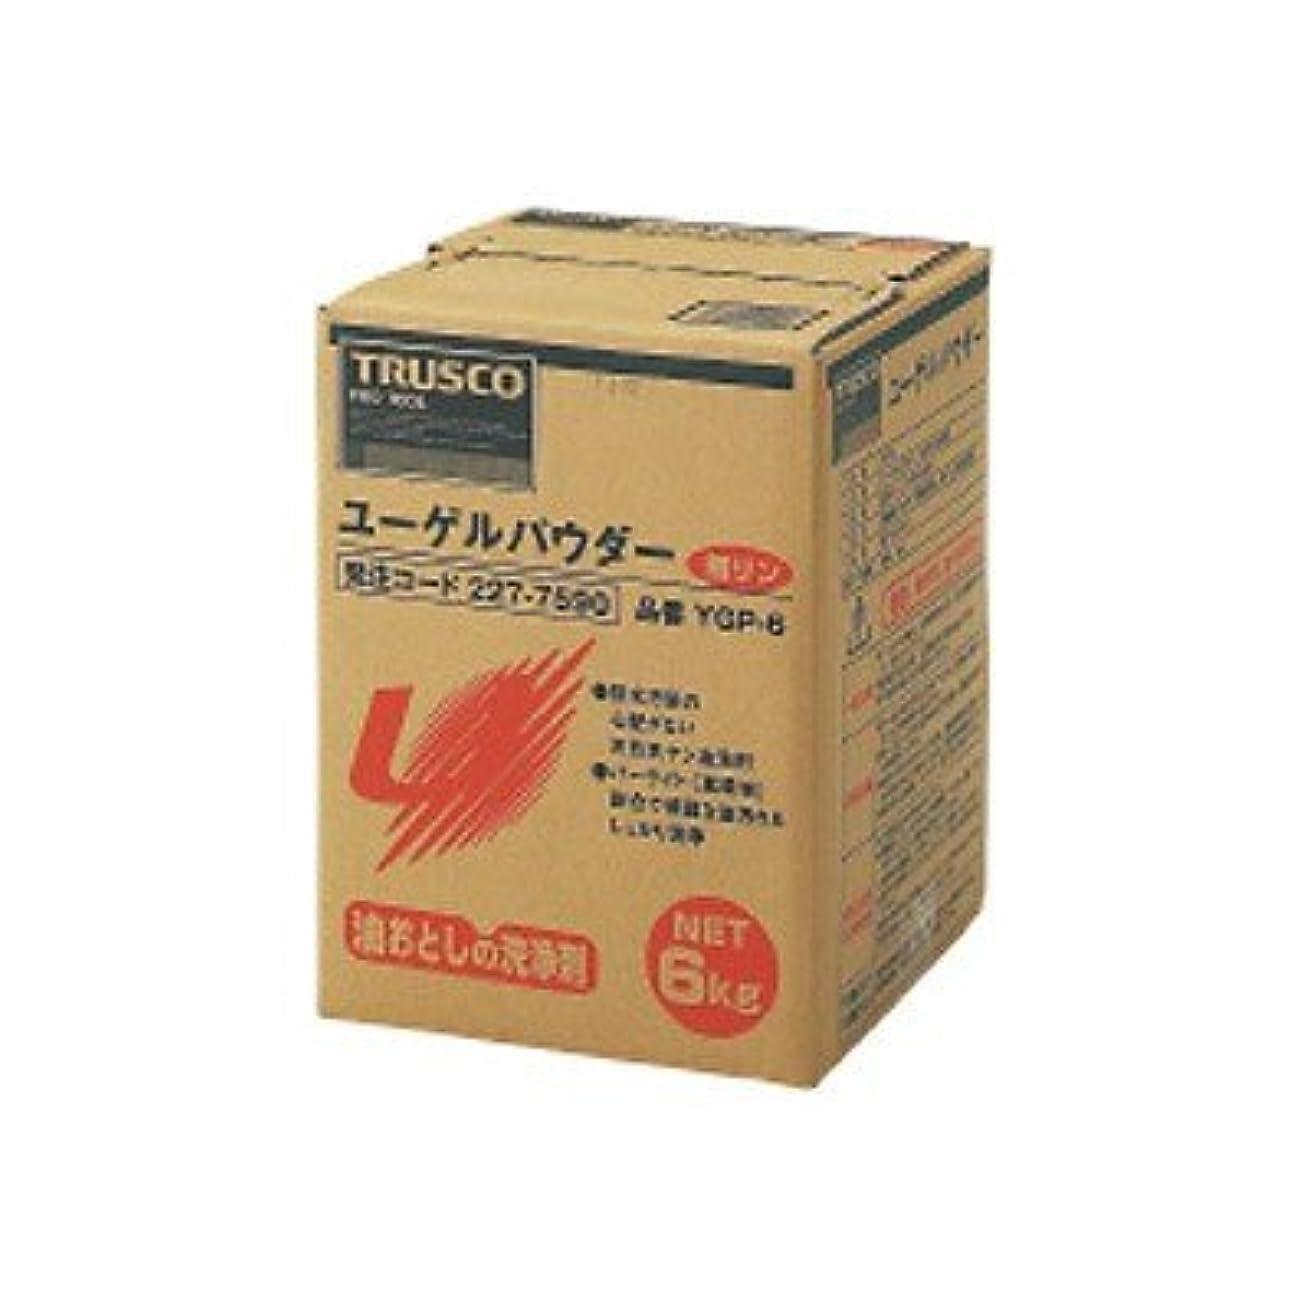 重荷苦哲学ユーゲルパウダー 1箱6kg 品番:YGP-6 注文番号:57420301 メーカー:トラスコ中山